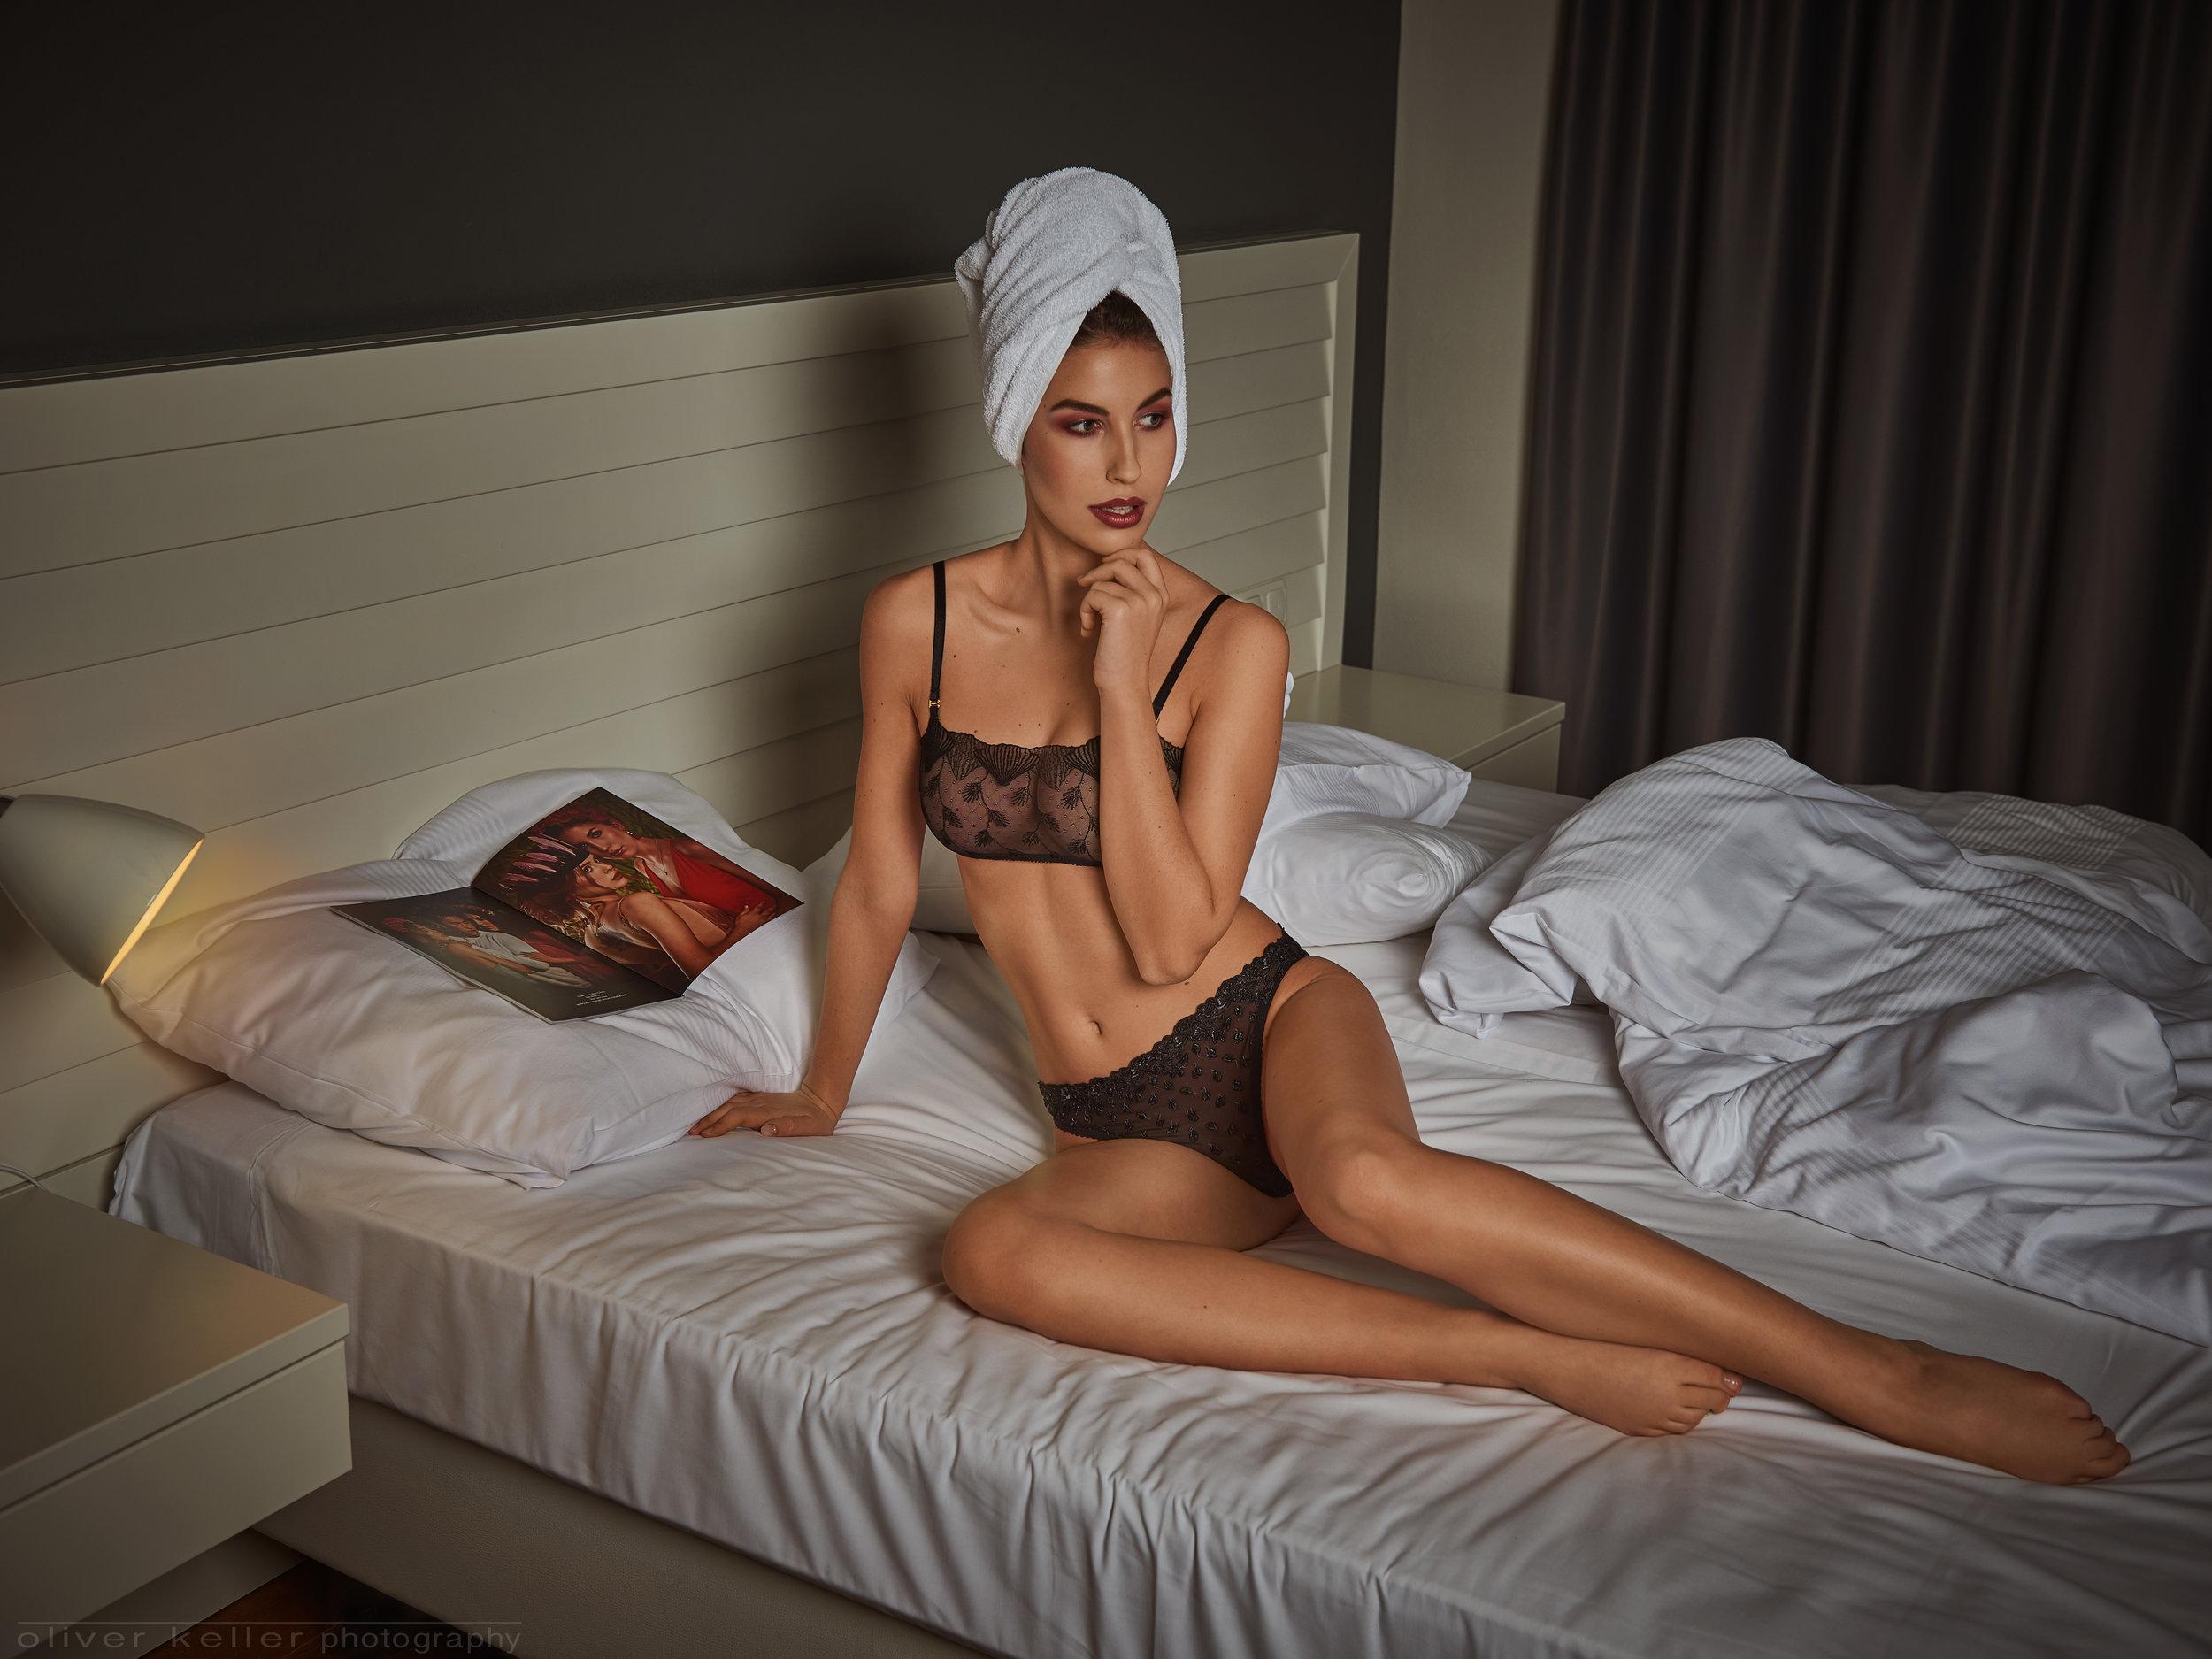 2017-11-2017-lingerie-Isabel-Felicia11360.jpg